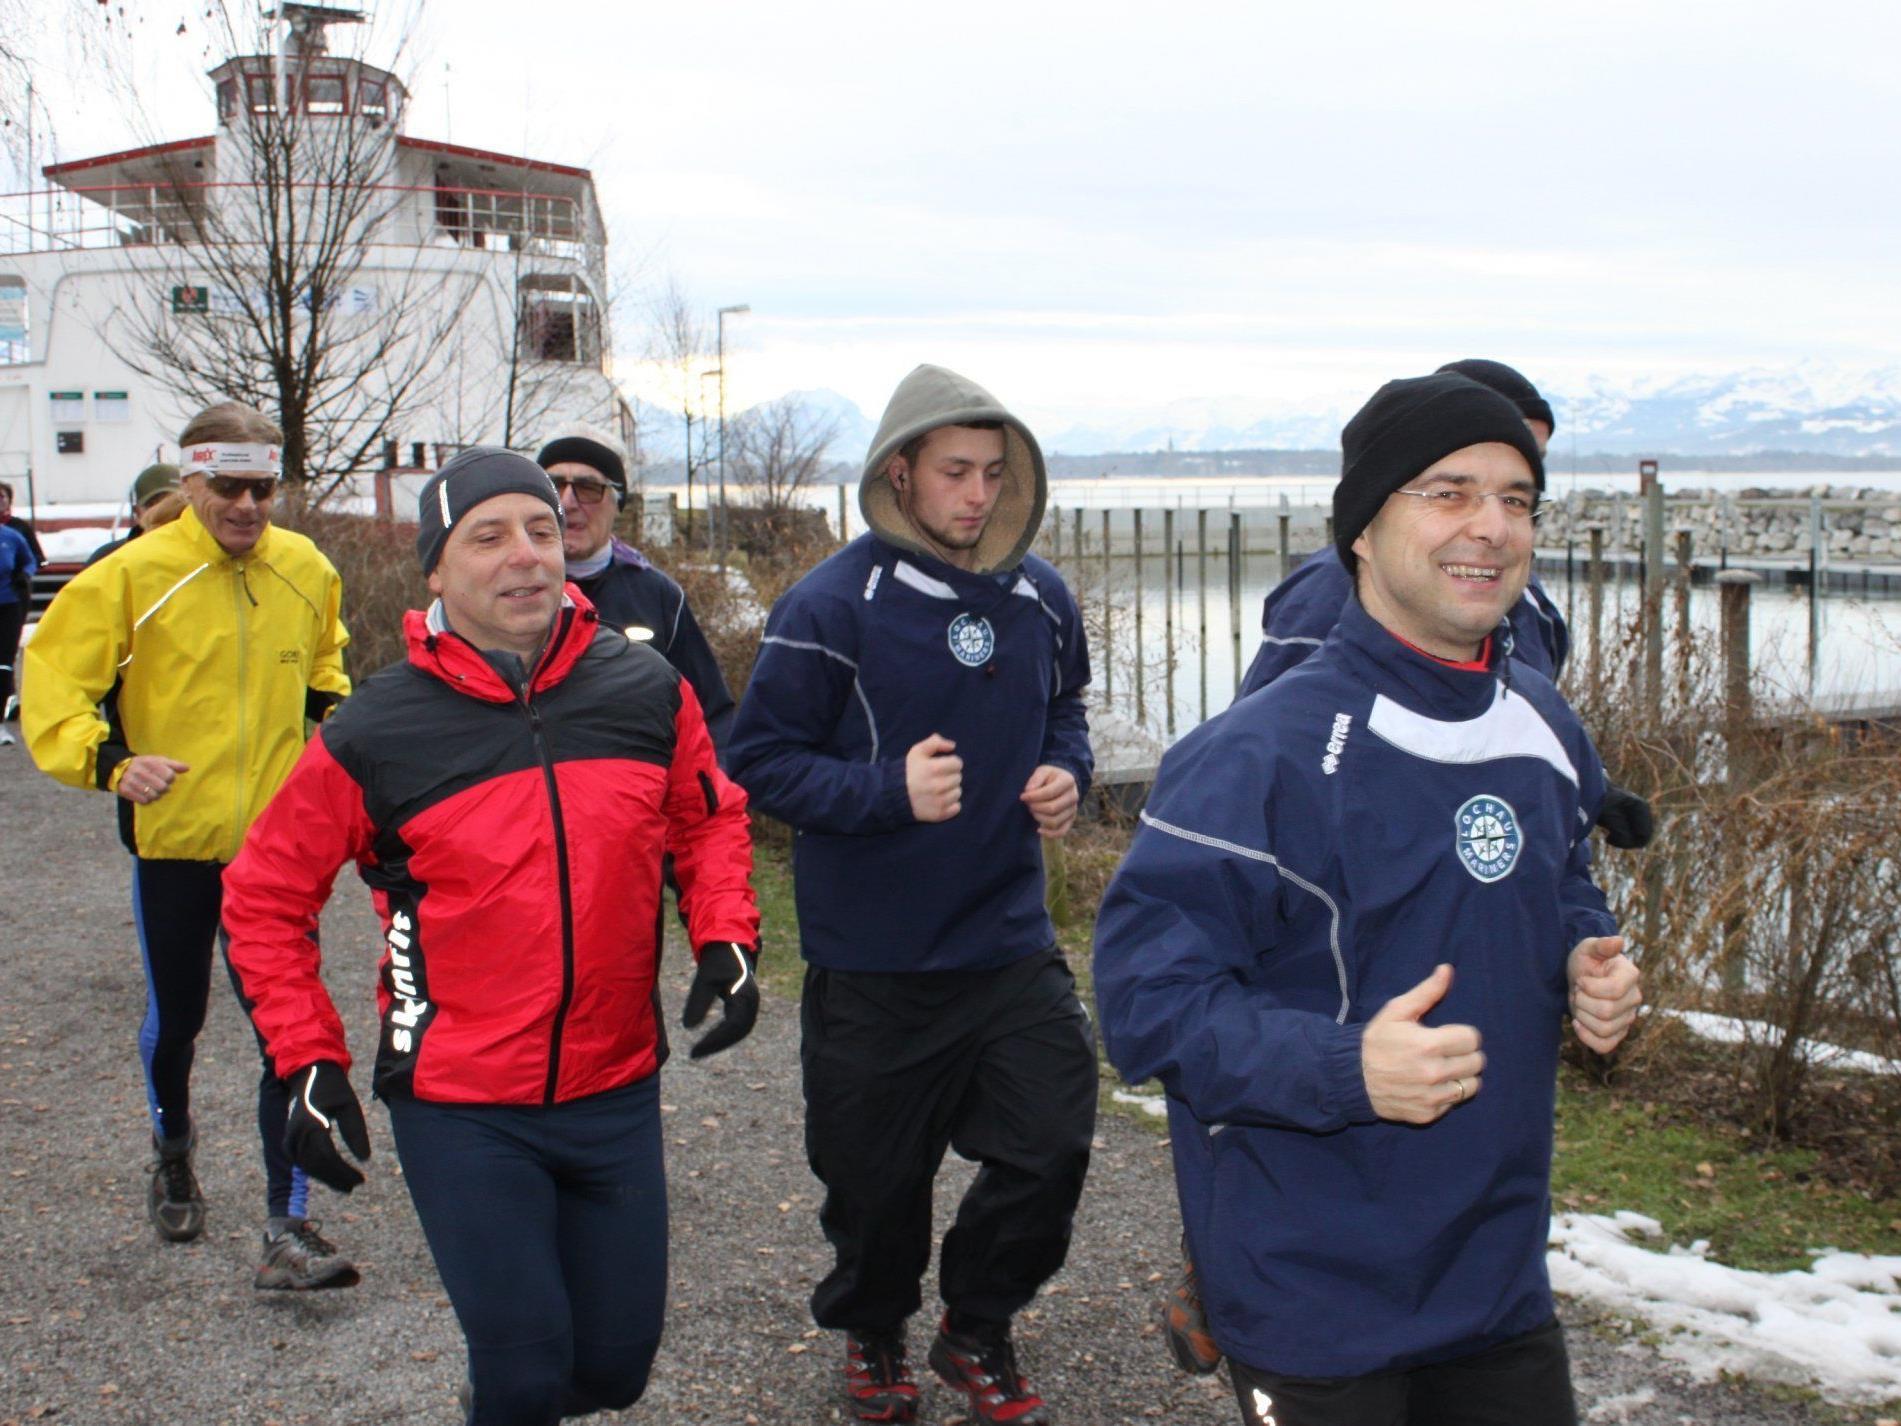 Zum Jahresauftakt treffen sich die Laufsportfreunde am See.